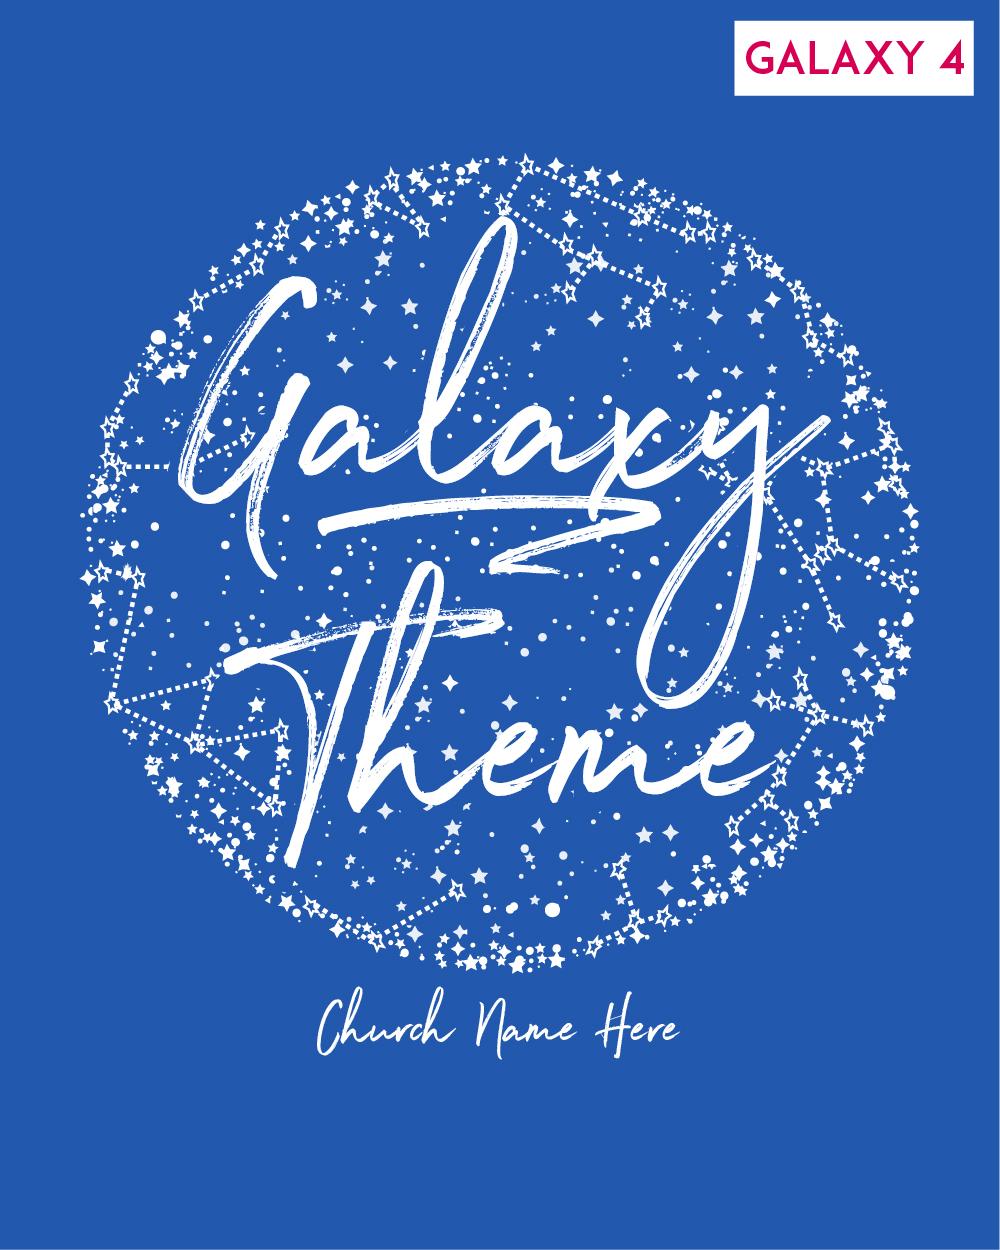 Galaxy 4-02.jpg